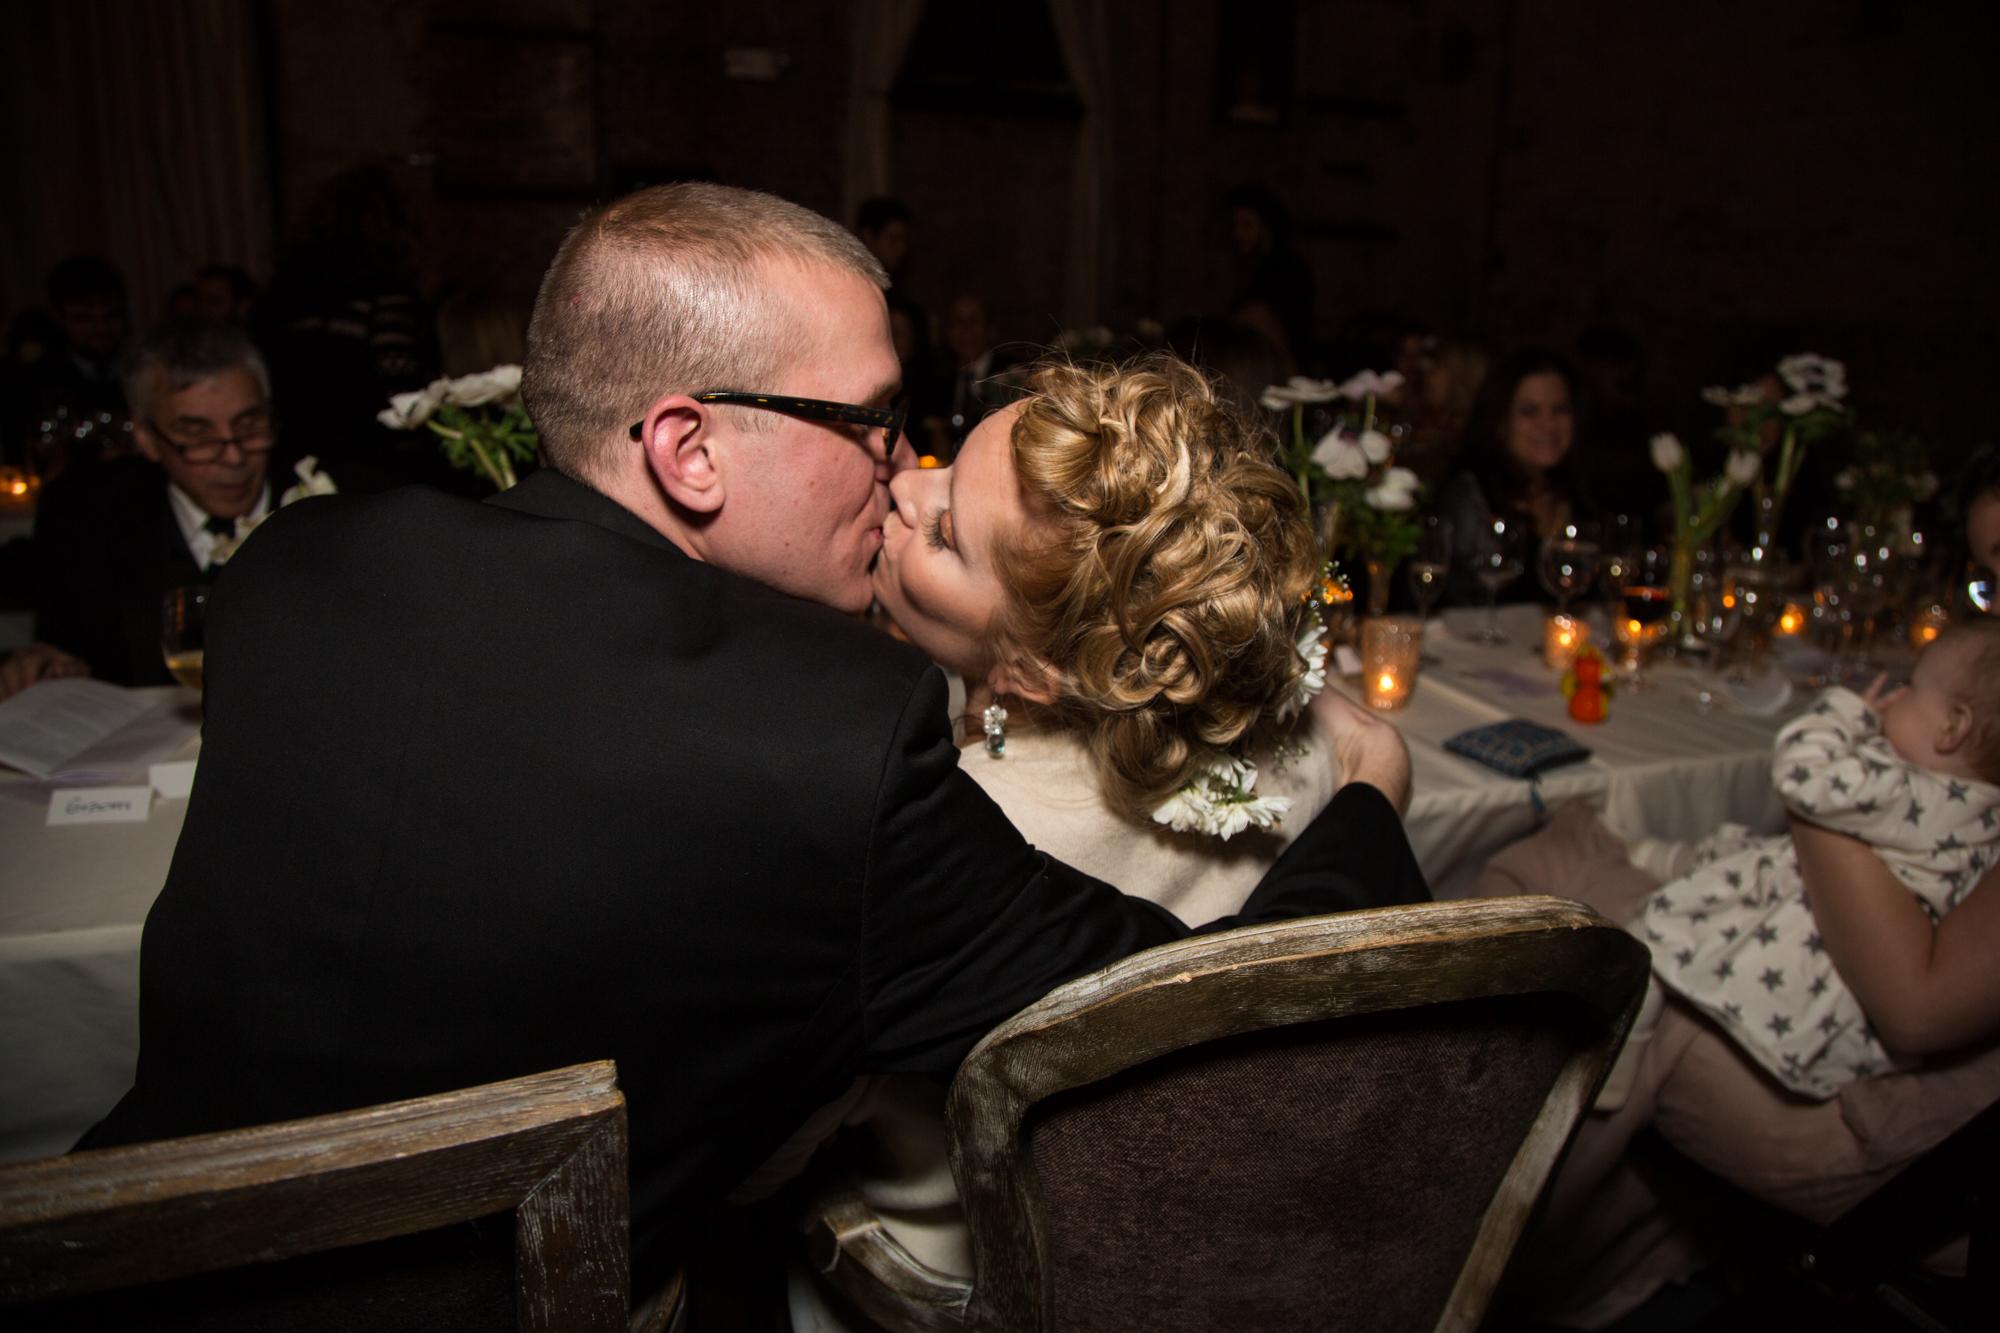 HeatherPhelpsLipton-Modern-WeddingPhotography-GreenBuilding-winter-prospectpark-34.jpg